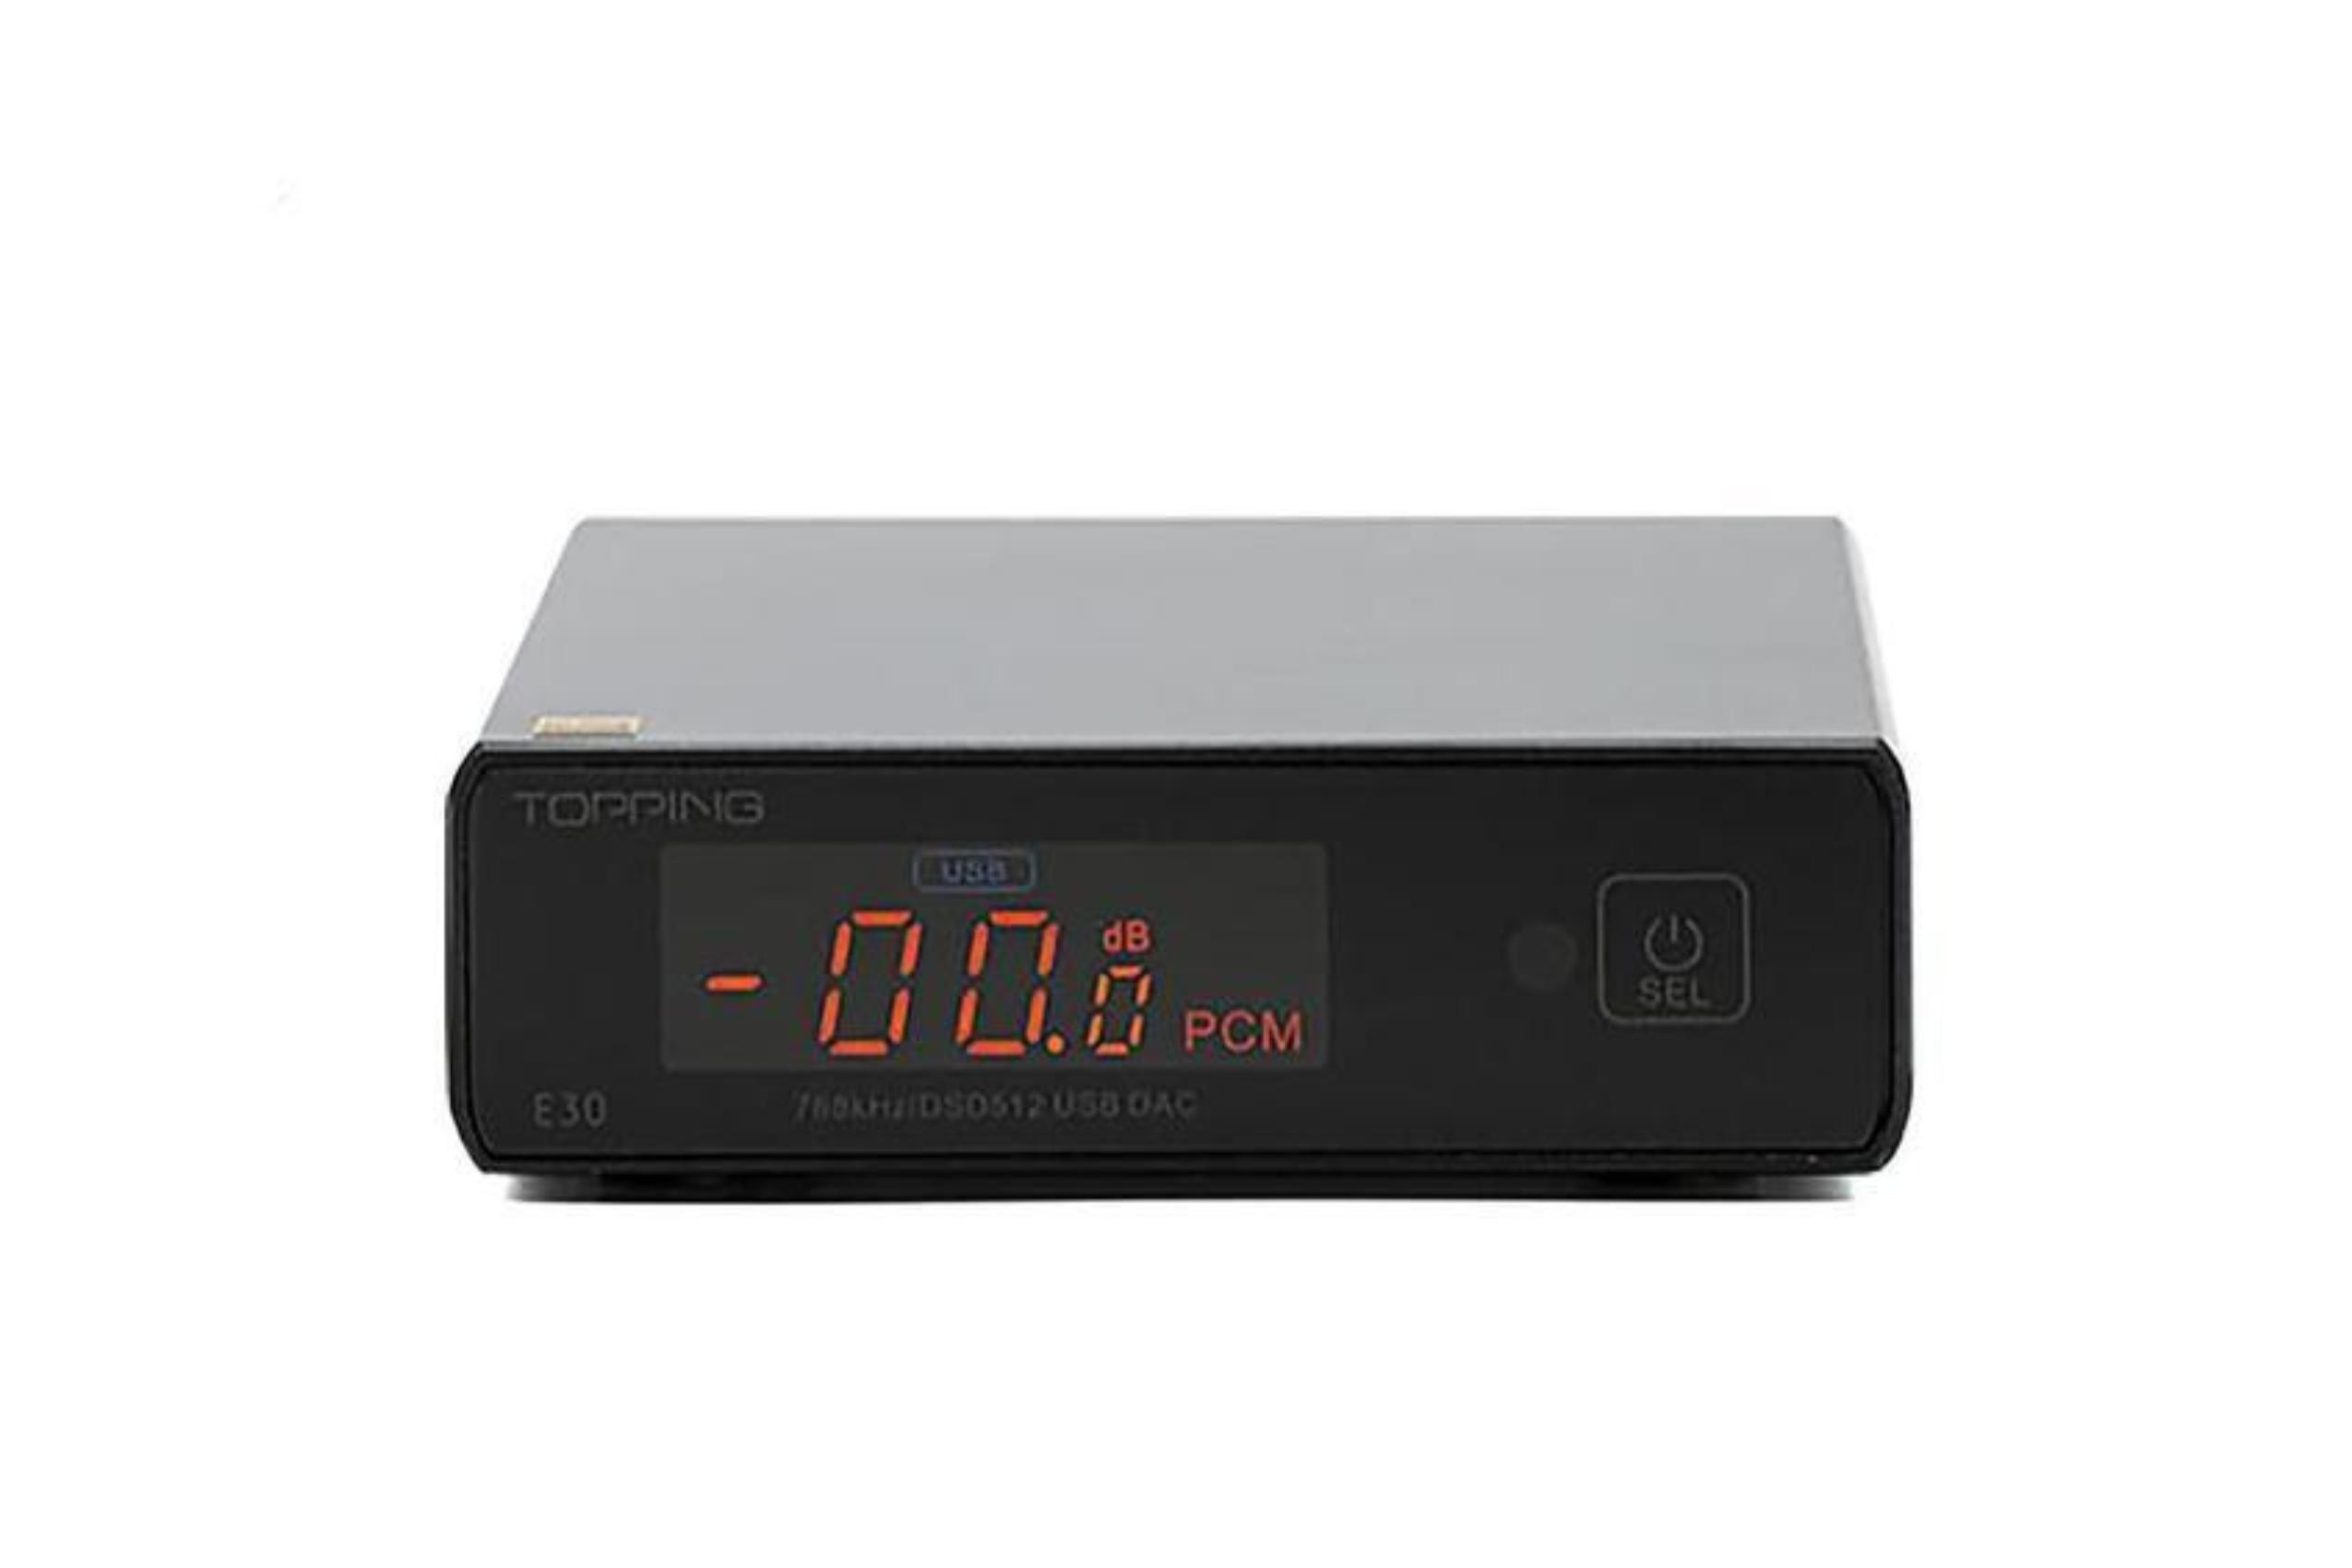 Audio DAC Topping E30. DAC externo para escritorio. Review y análisis del sonido.